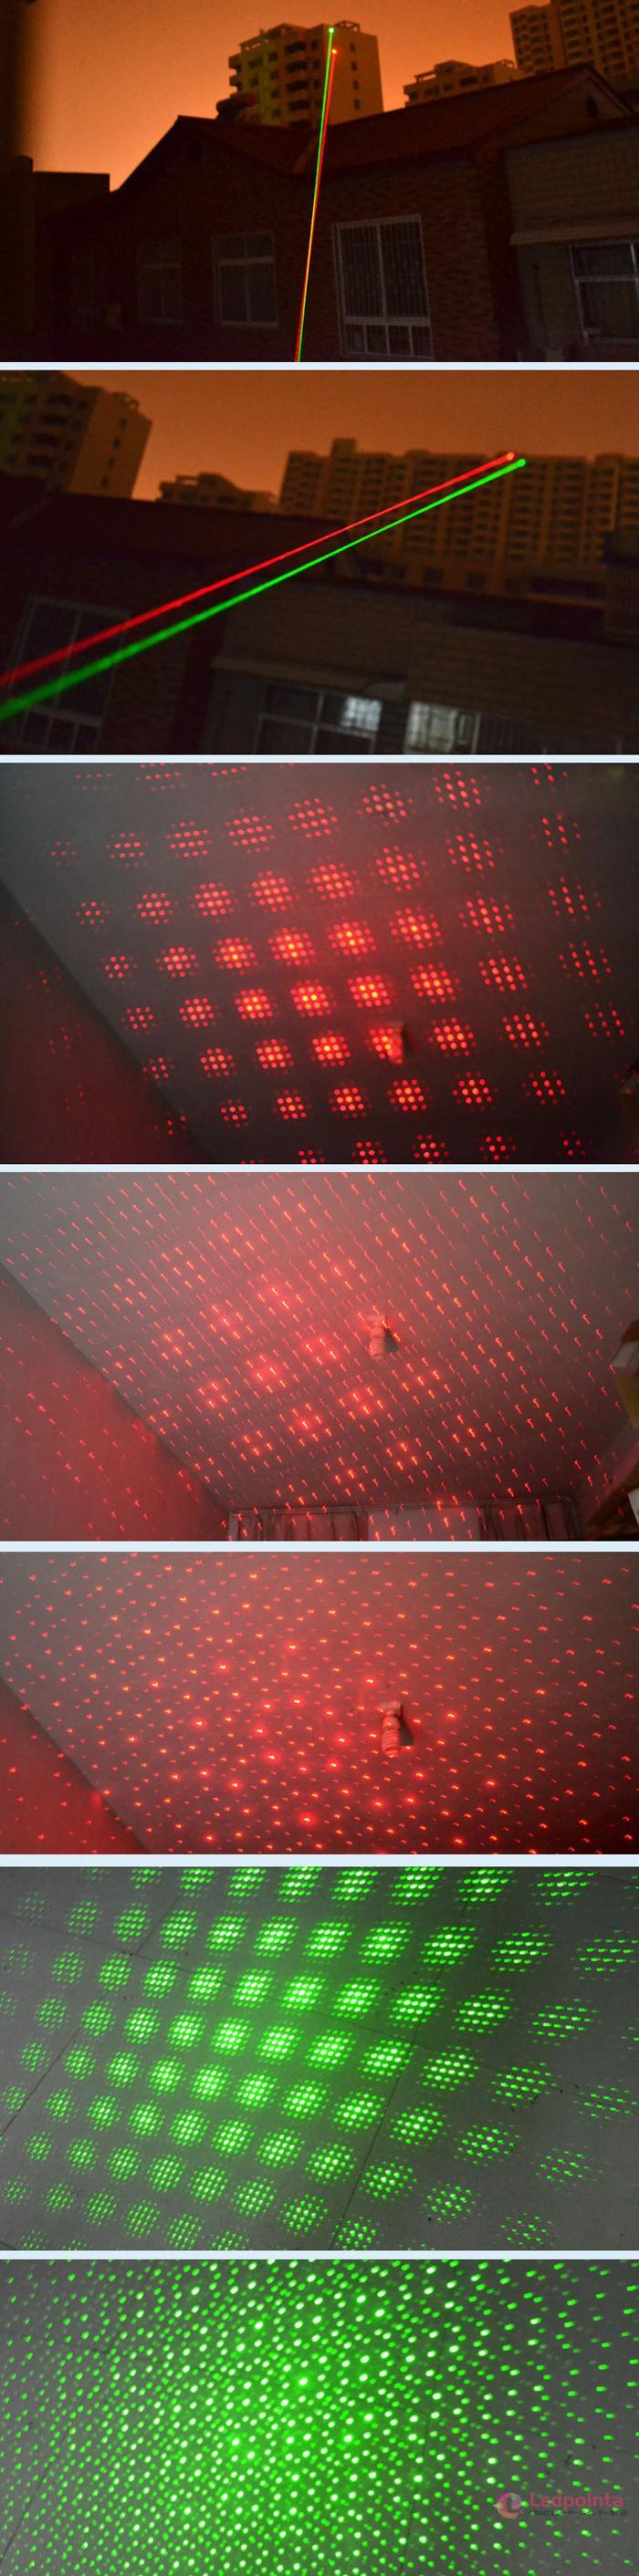 レーザーポインター緑赤違い